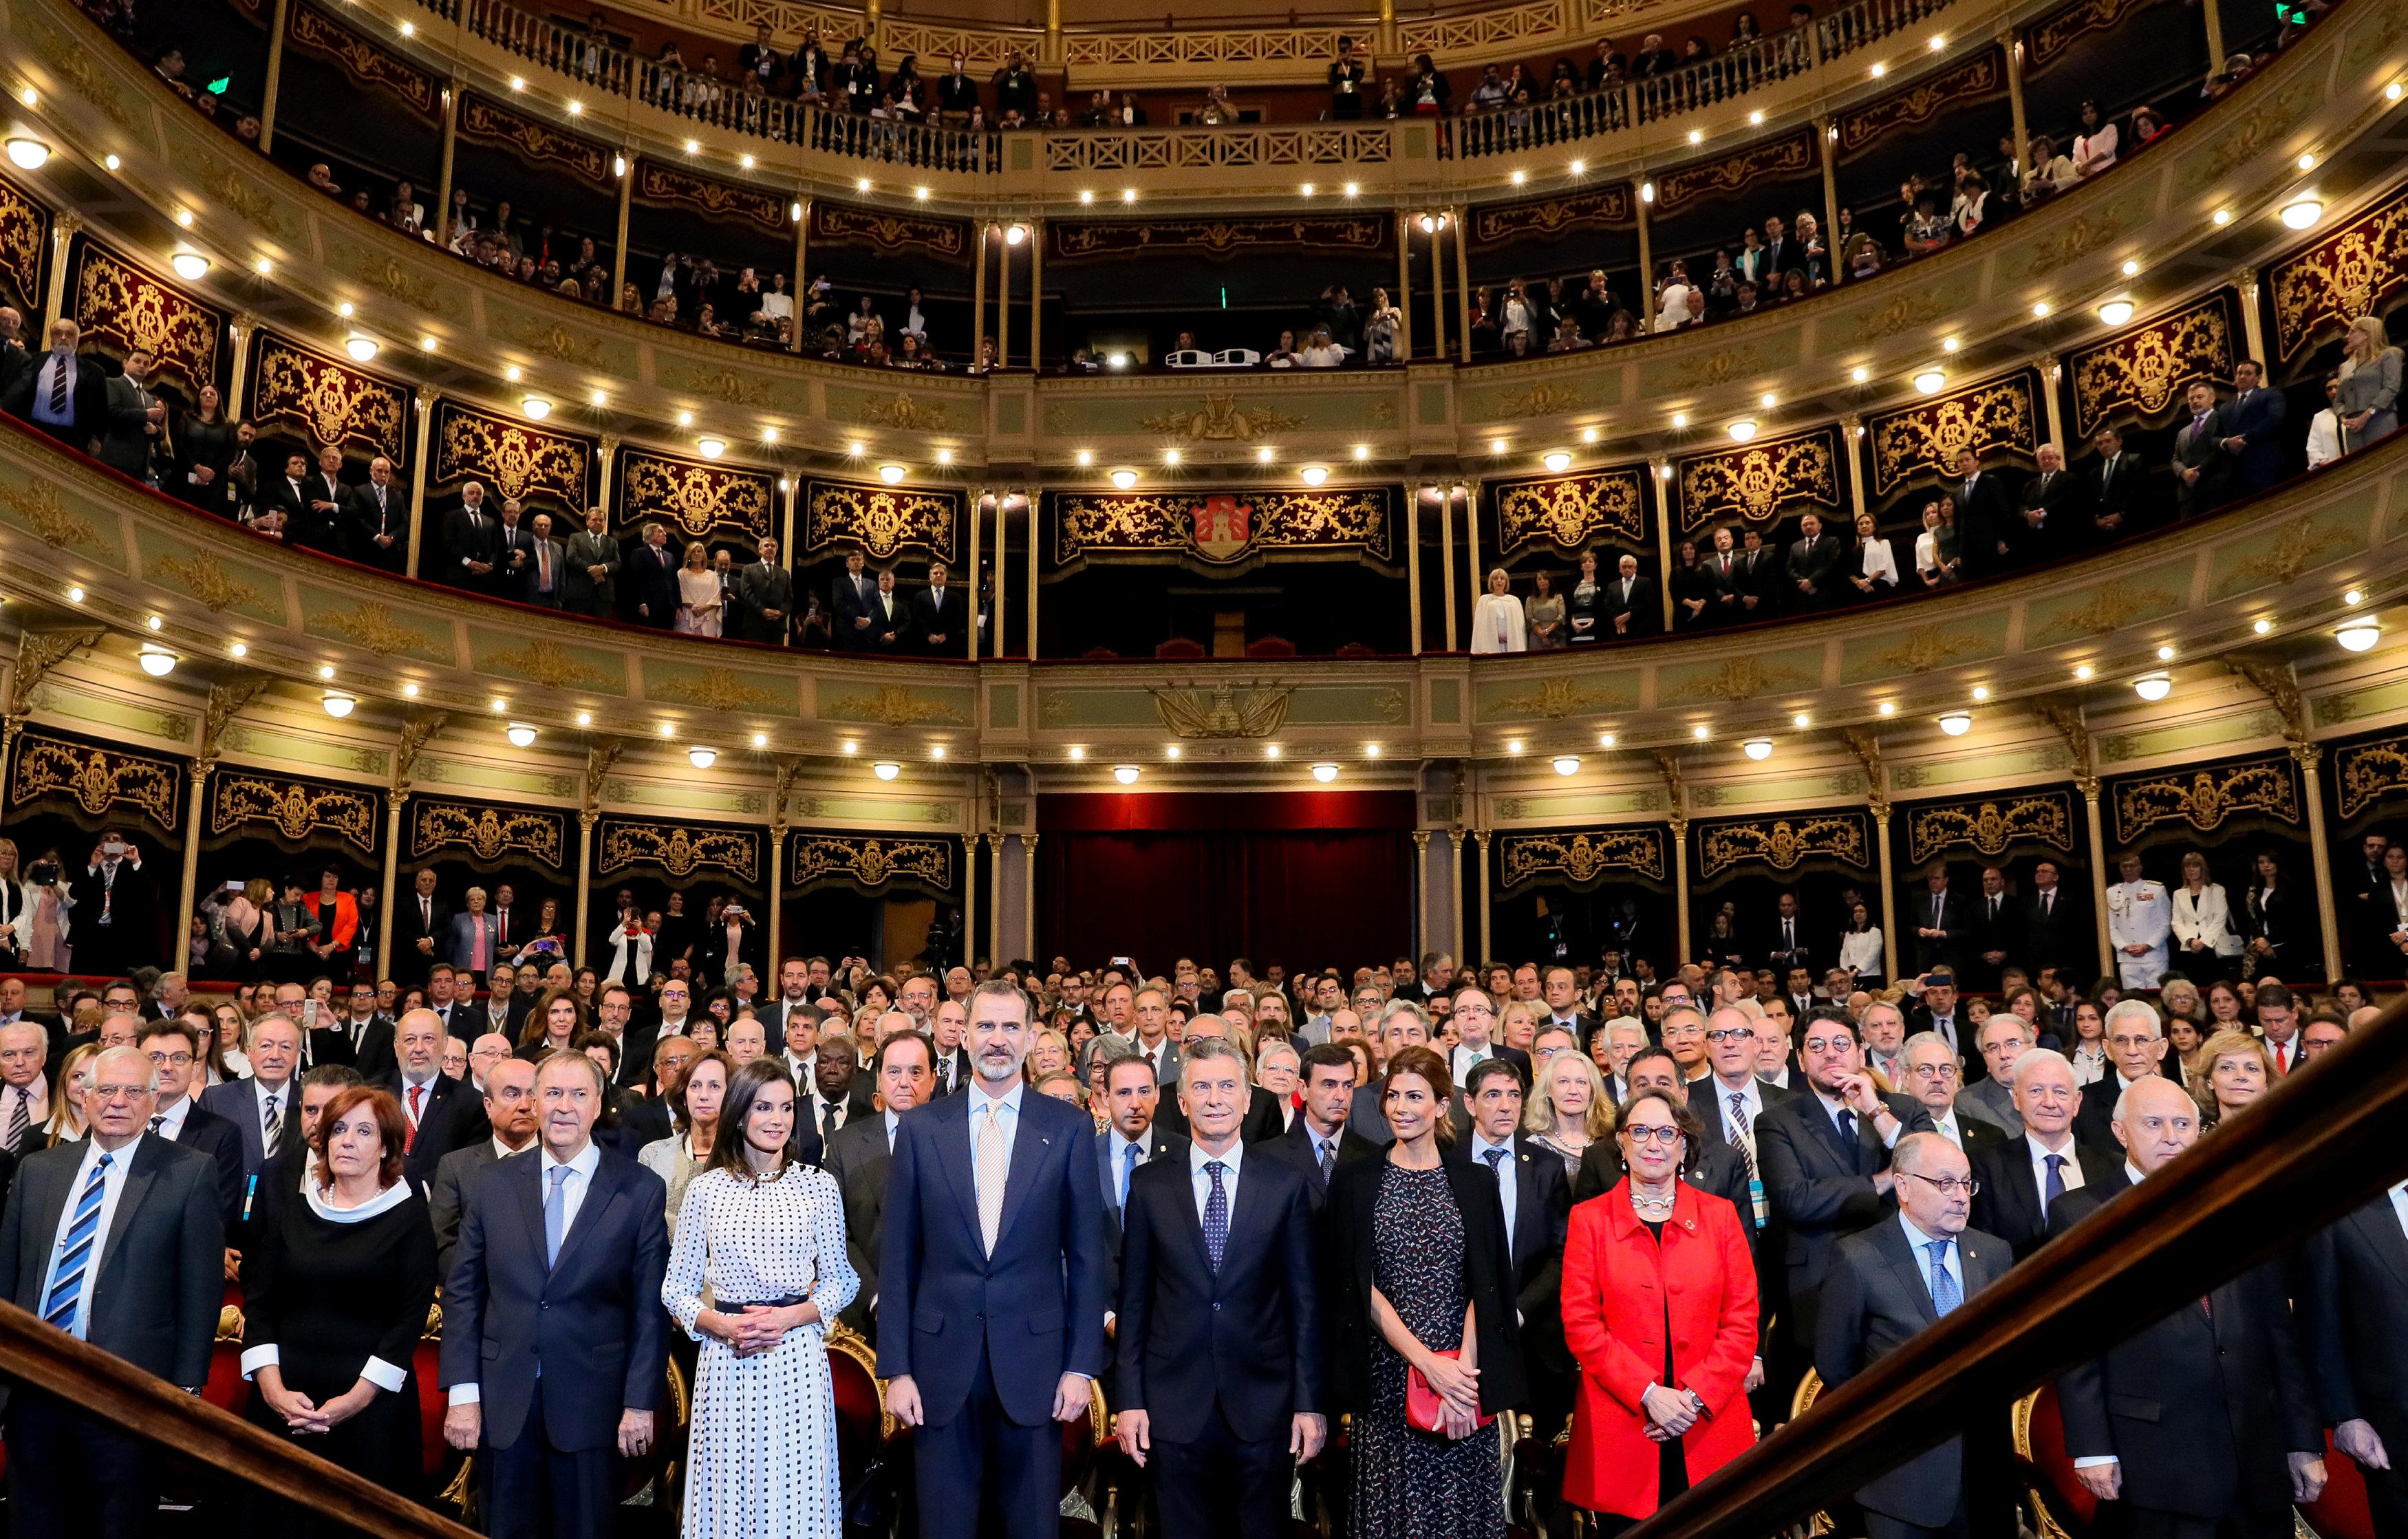 Abre el telón del VIII Congreso internacional de la Lengua Española